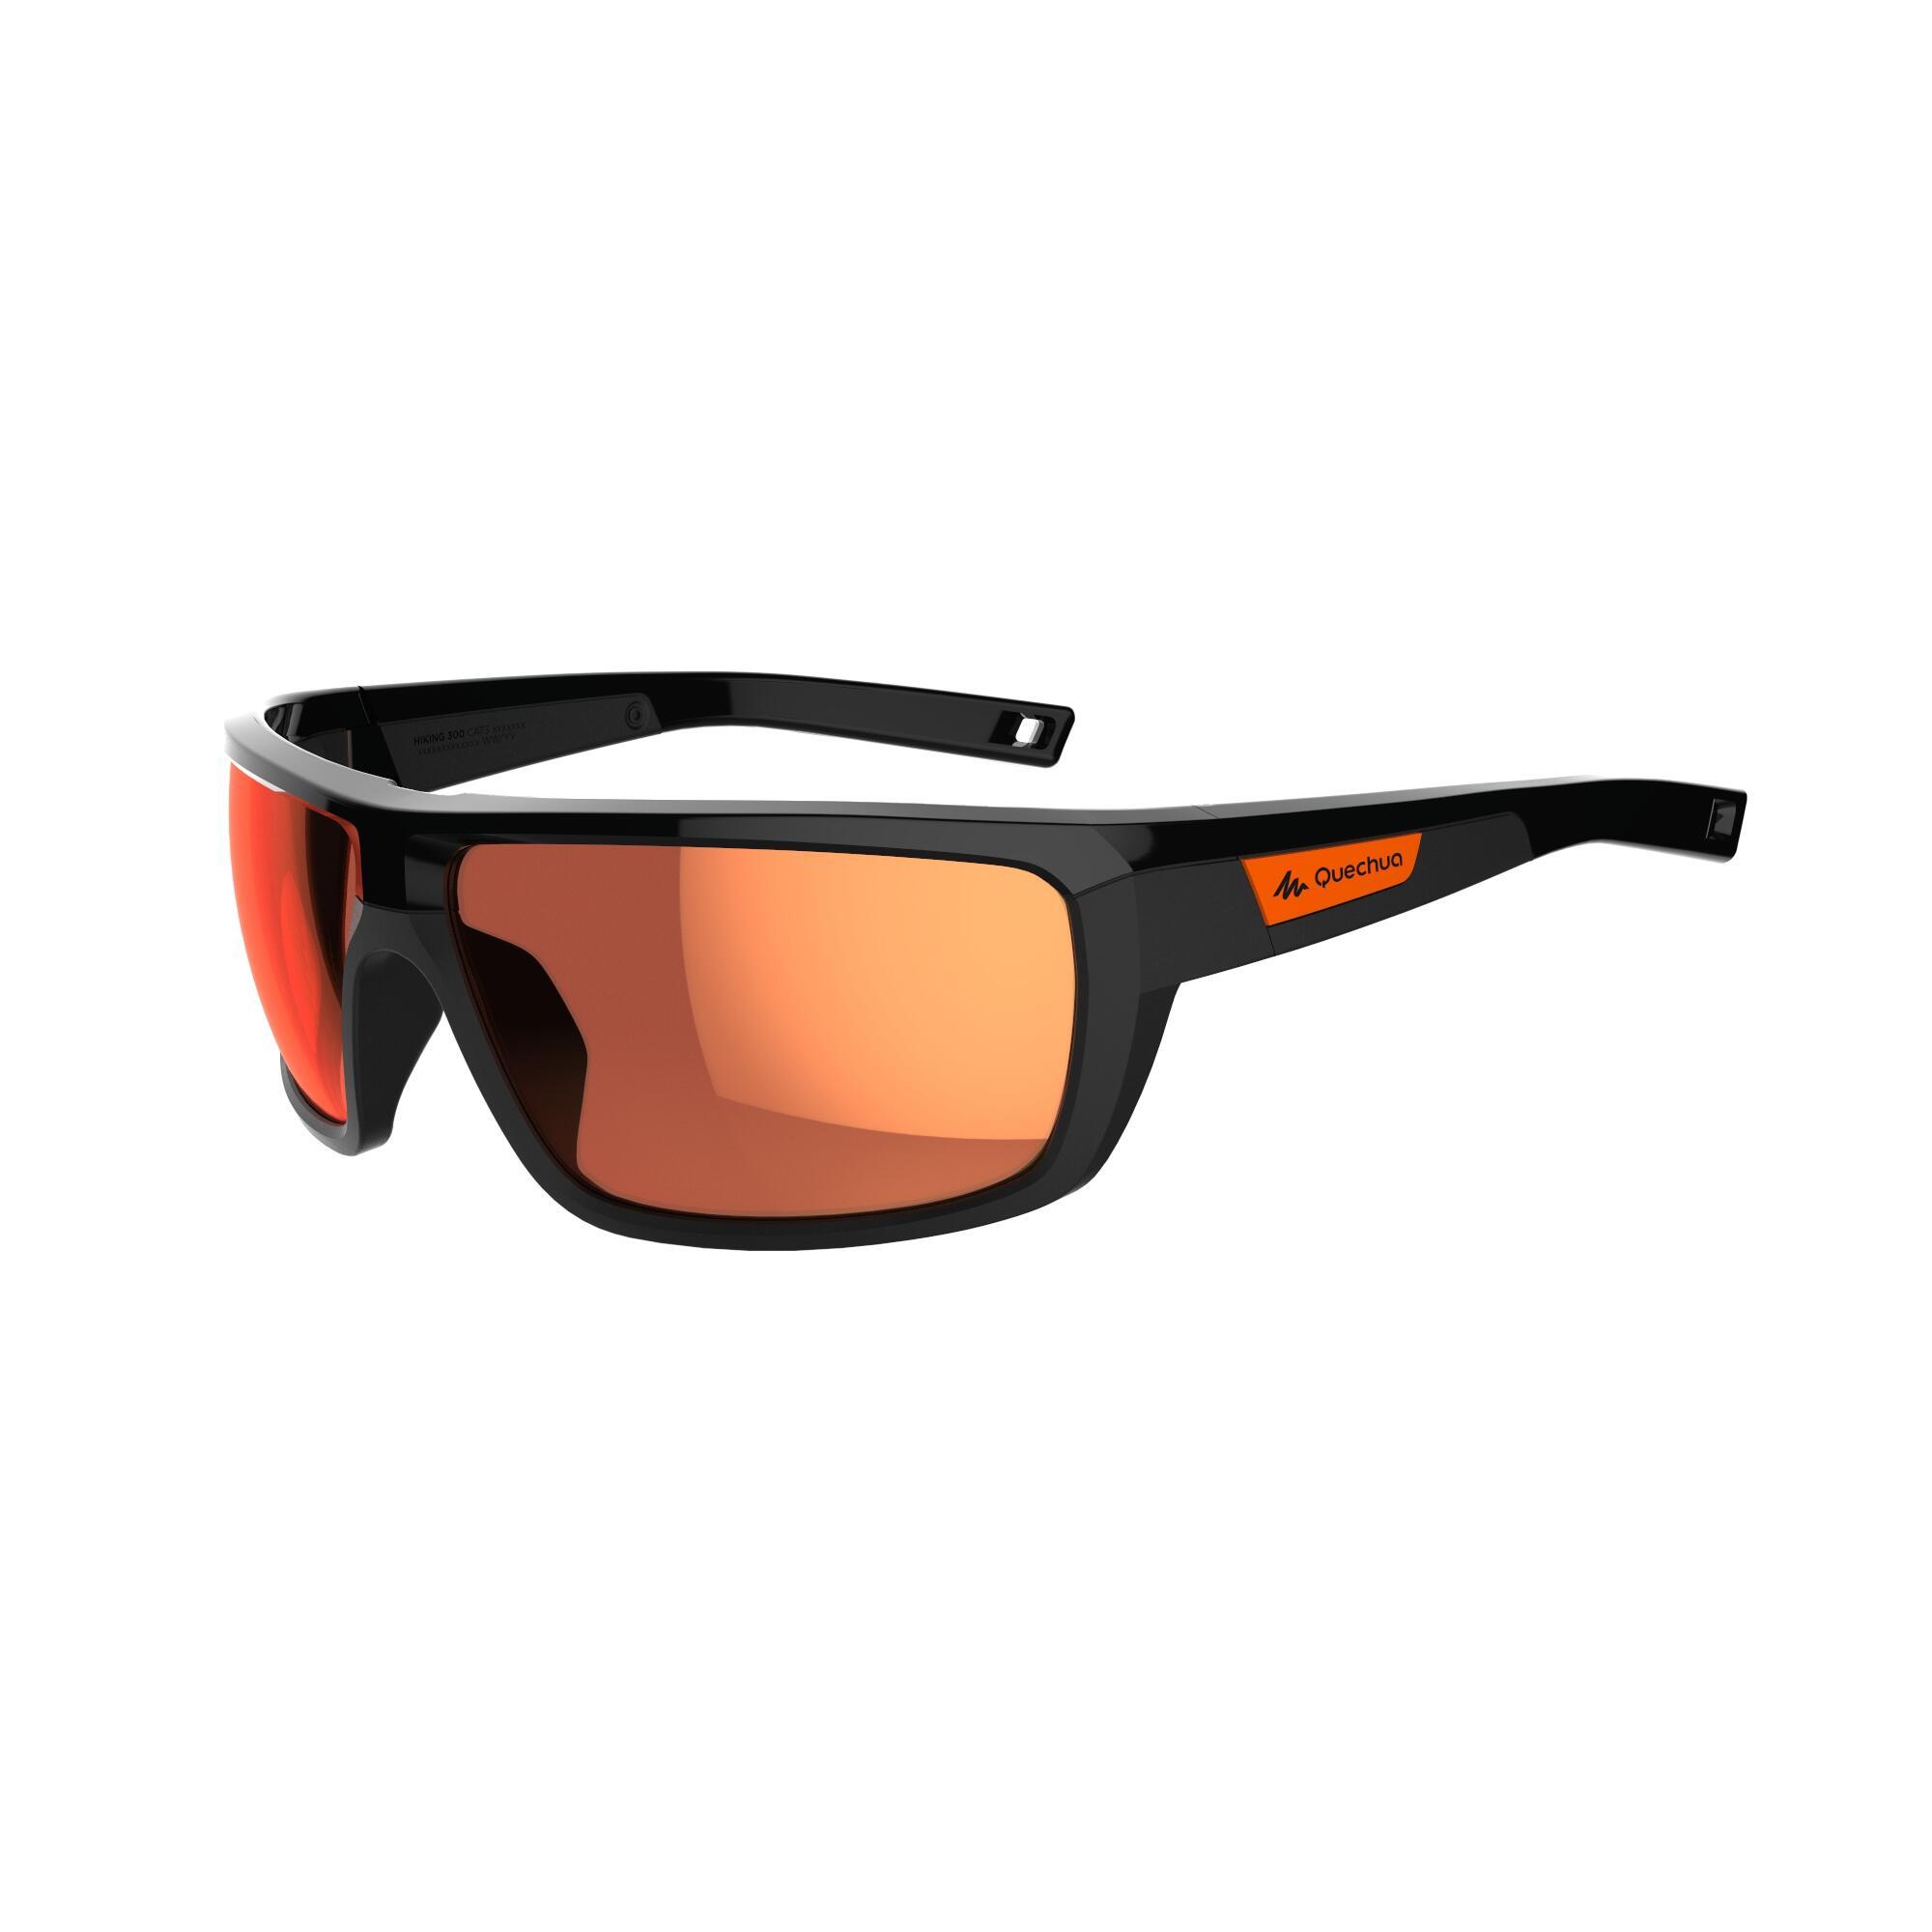 Sonnenbrille Wandern MH530 Kategorie 3 Erwachsene | Accessoires > Sonnenbrillen | Quechua